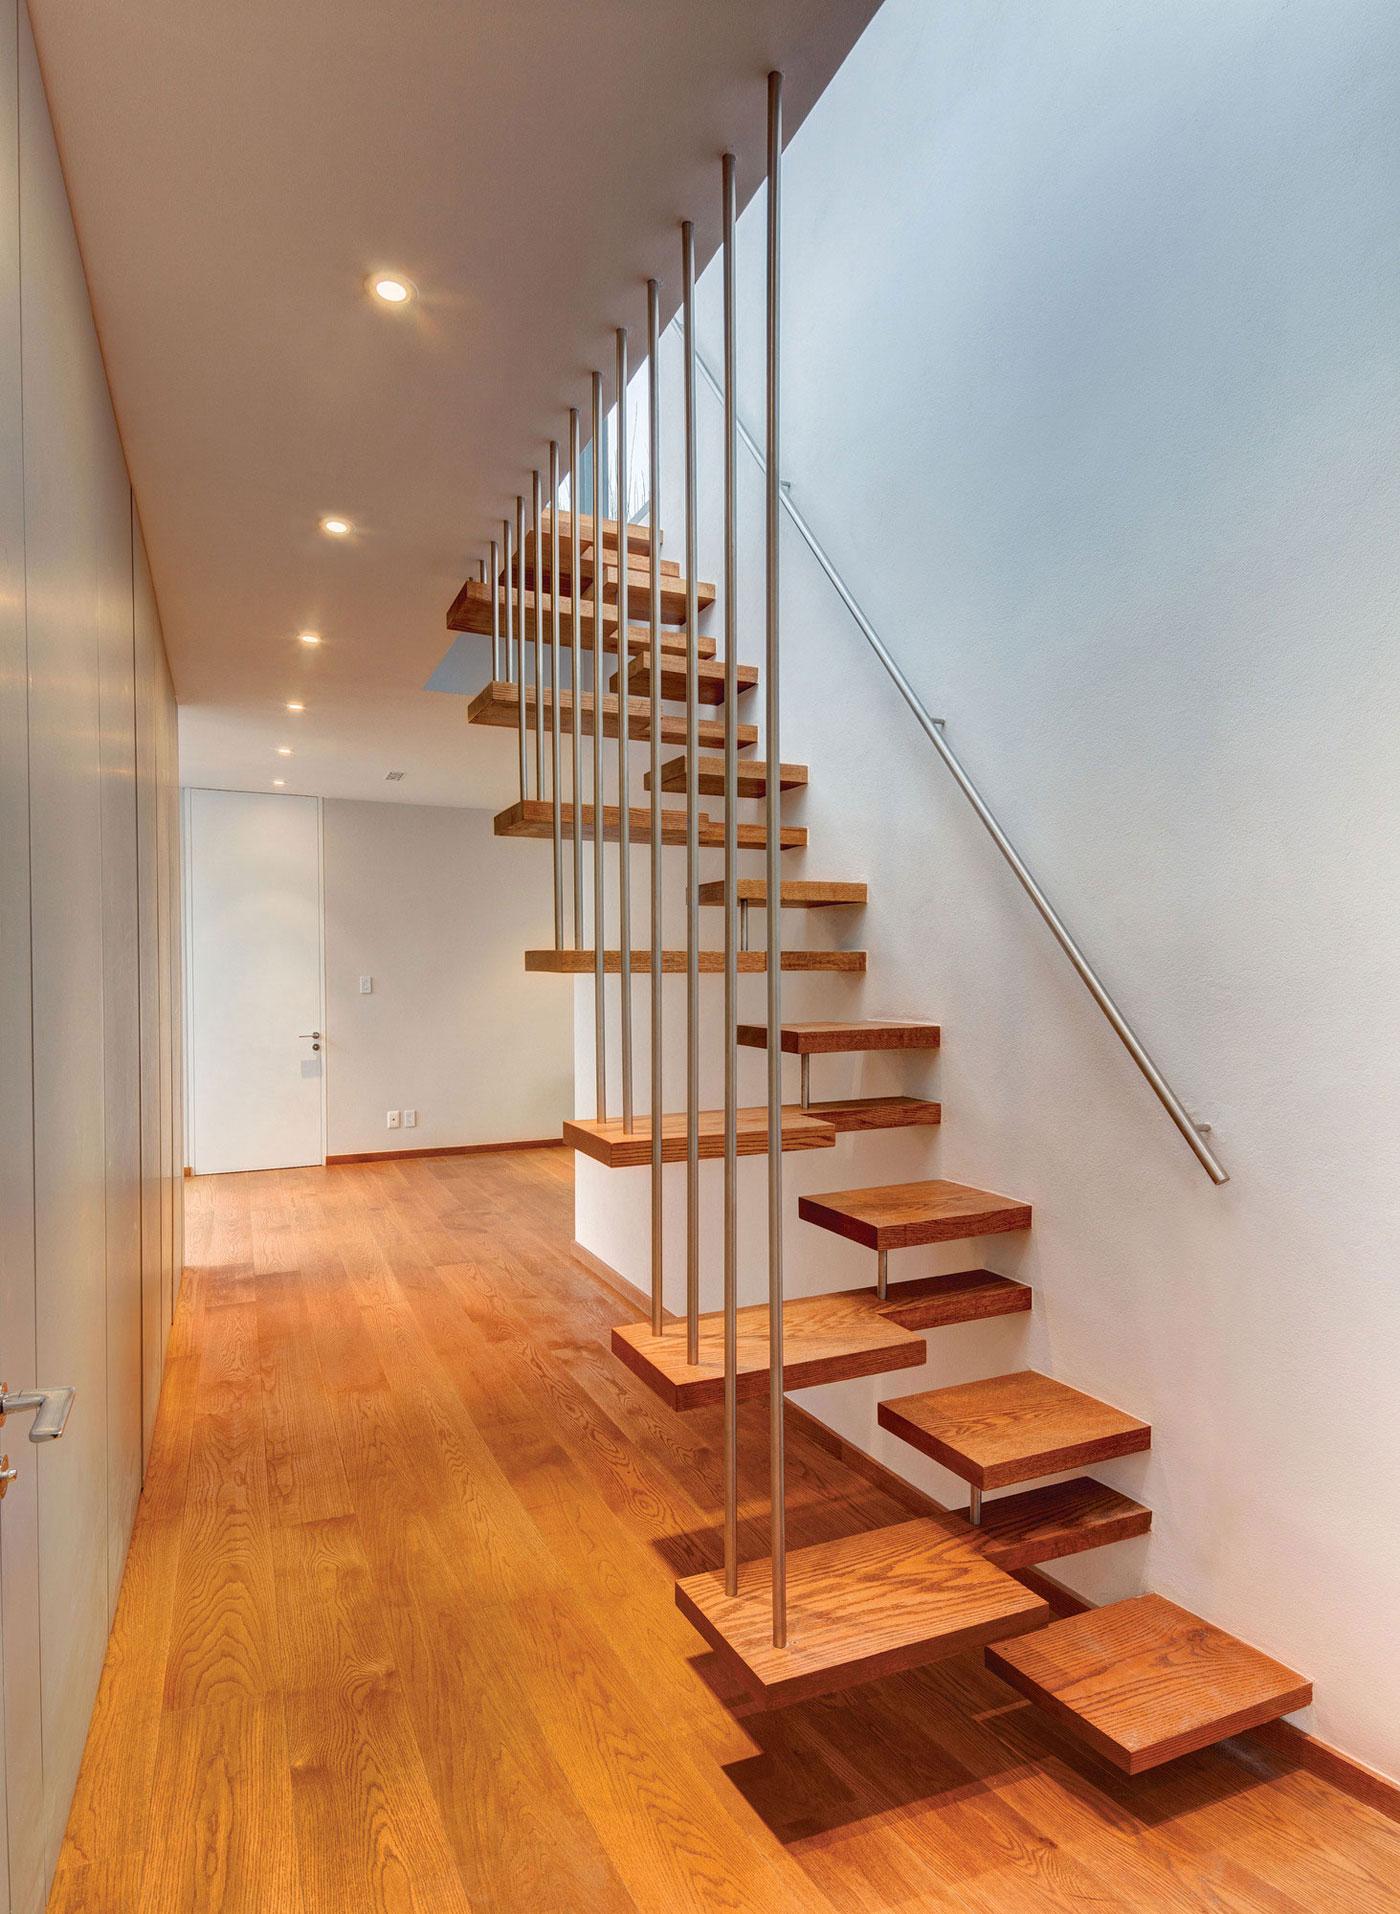 Staircase Design Thewowdecor (47)